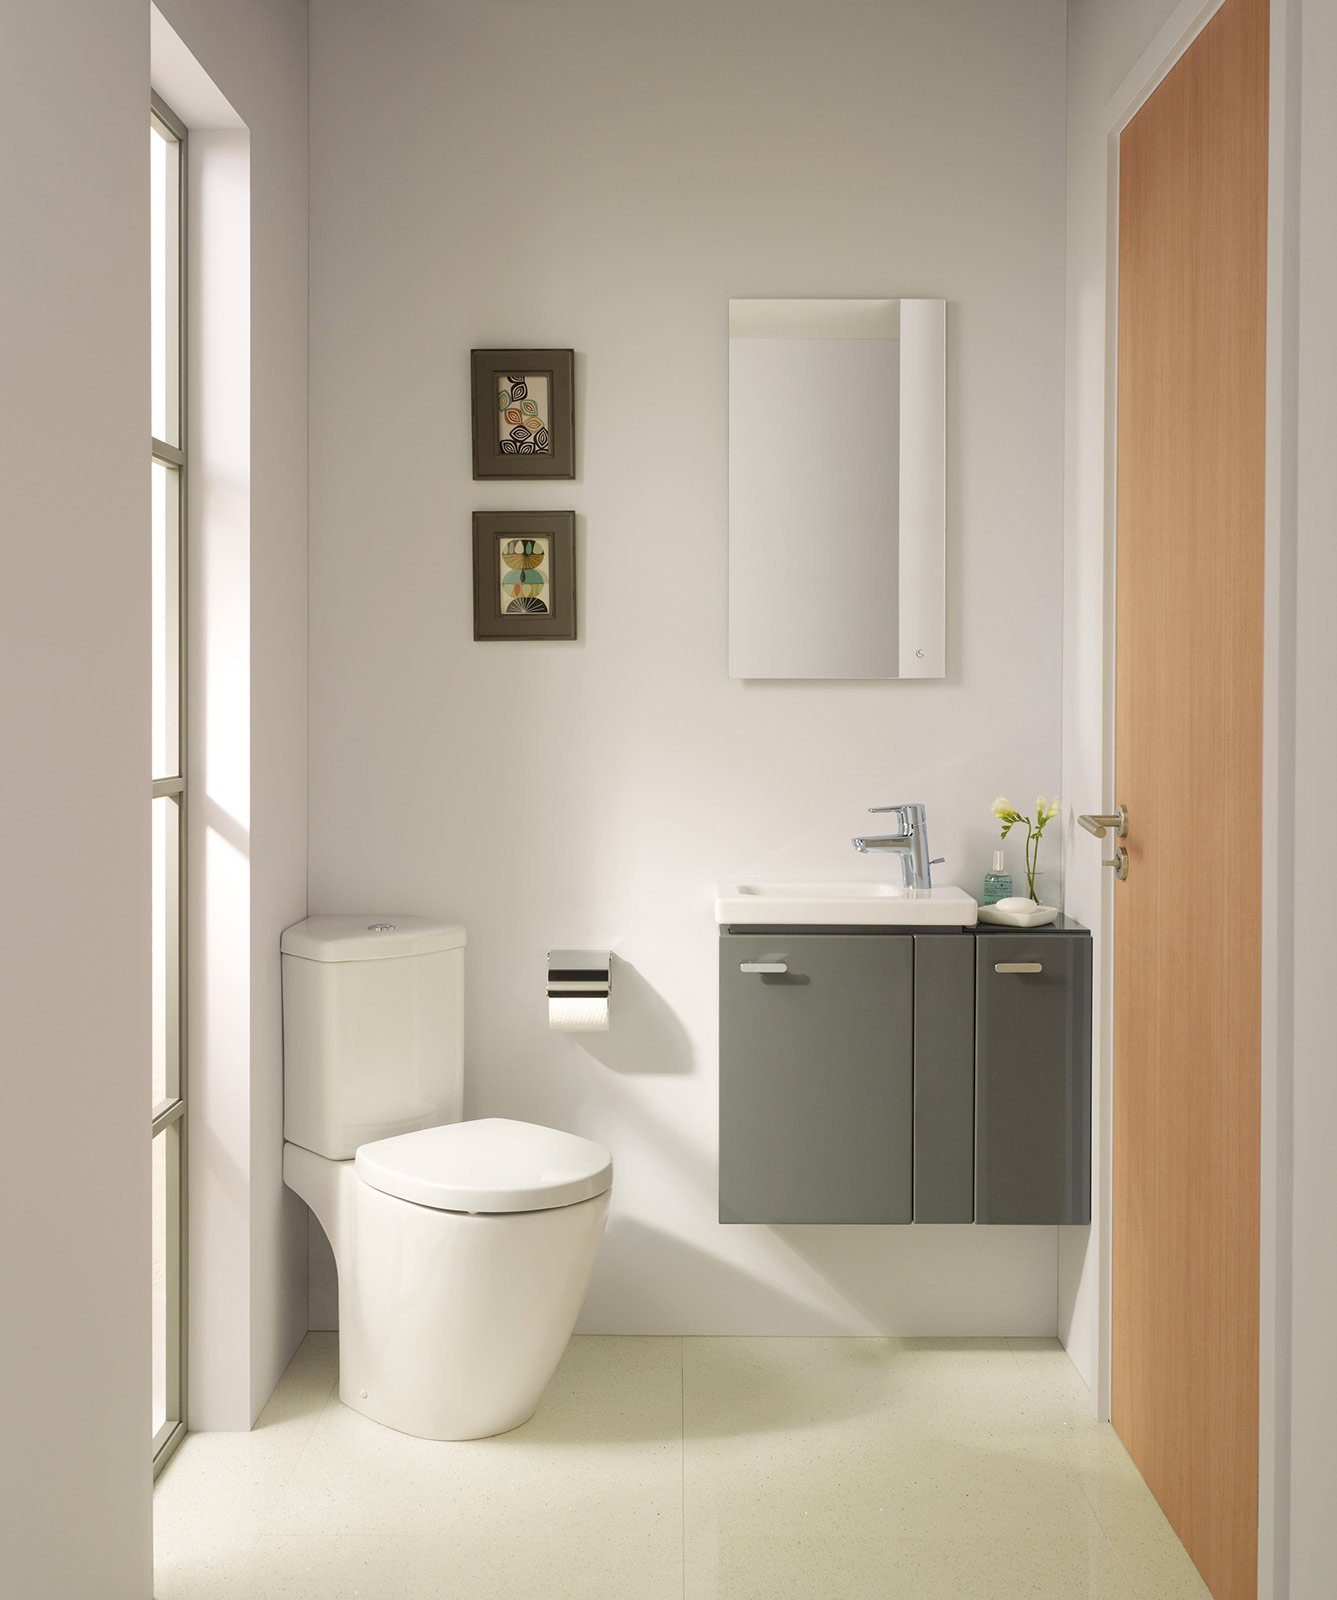 Bagno piccolo soluzioni piccole cose di casa for Case piccole soluzioni